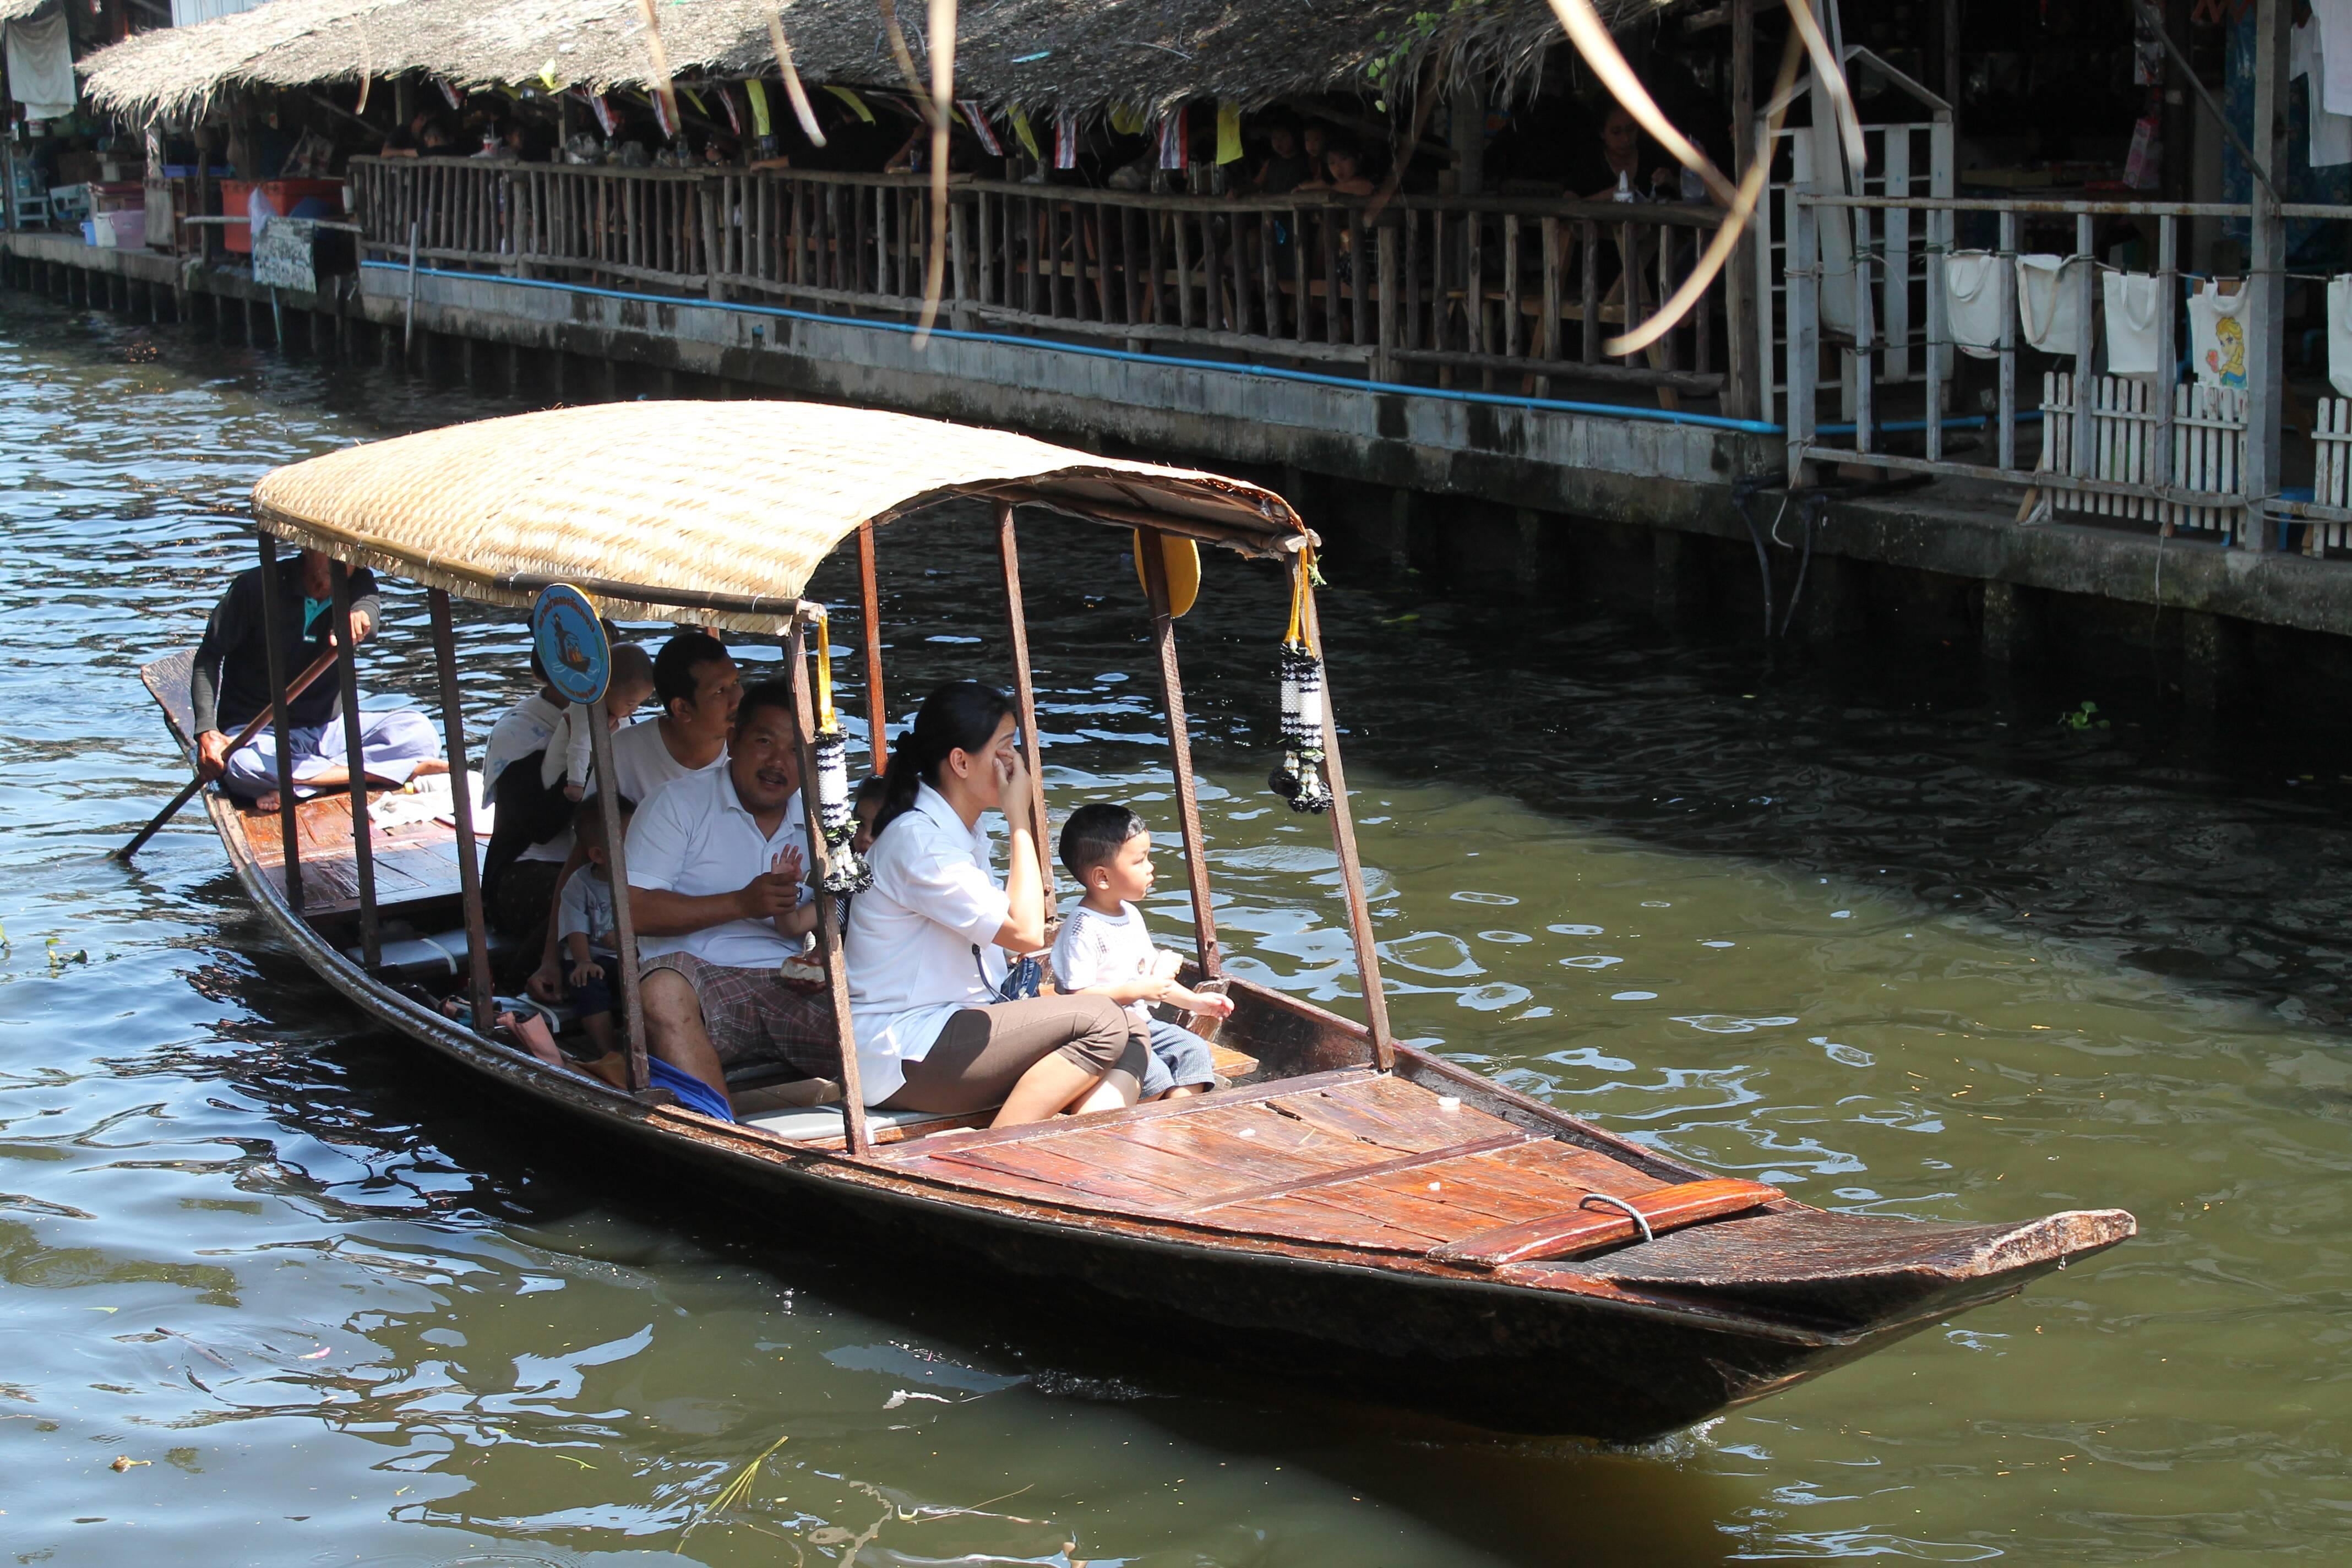 Moradores locais usando os barcos como transporte - Khlong Lat Mayom - Taling Chan - mercado flutuante em bangkok